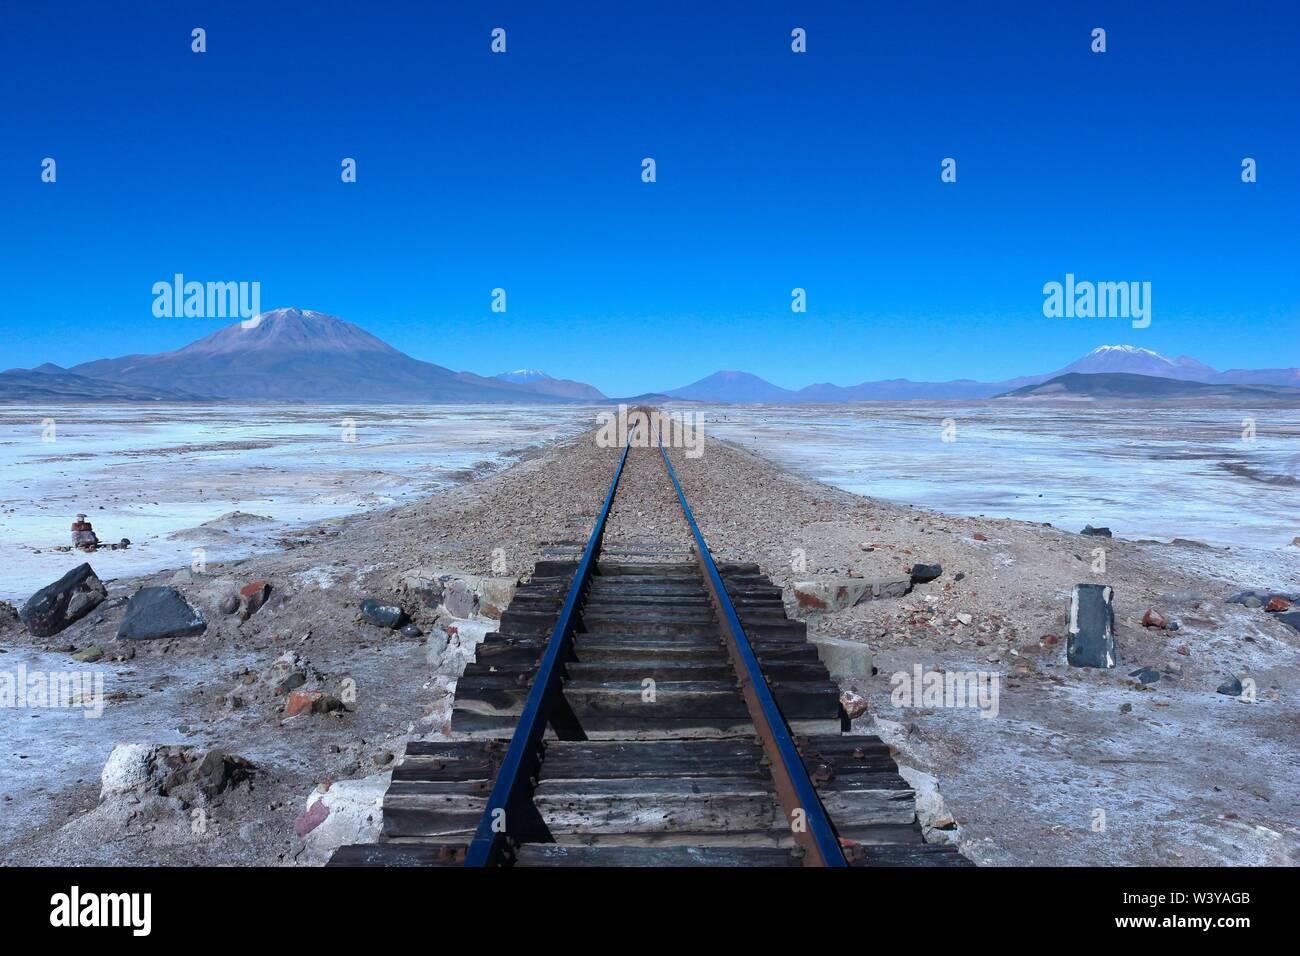 Vía del tren al infinito con volcanes en la espalda, el Salar de Uyuni, Bolivia Foto de stock